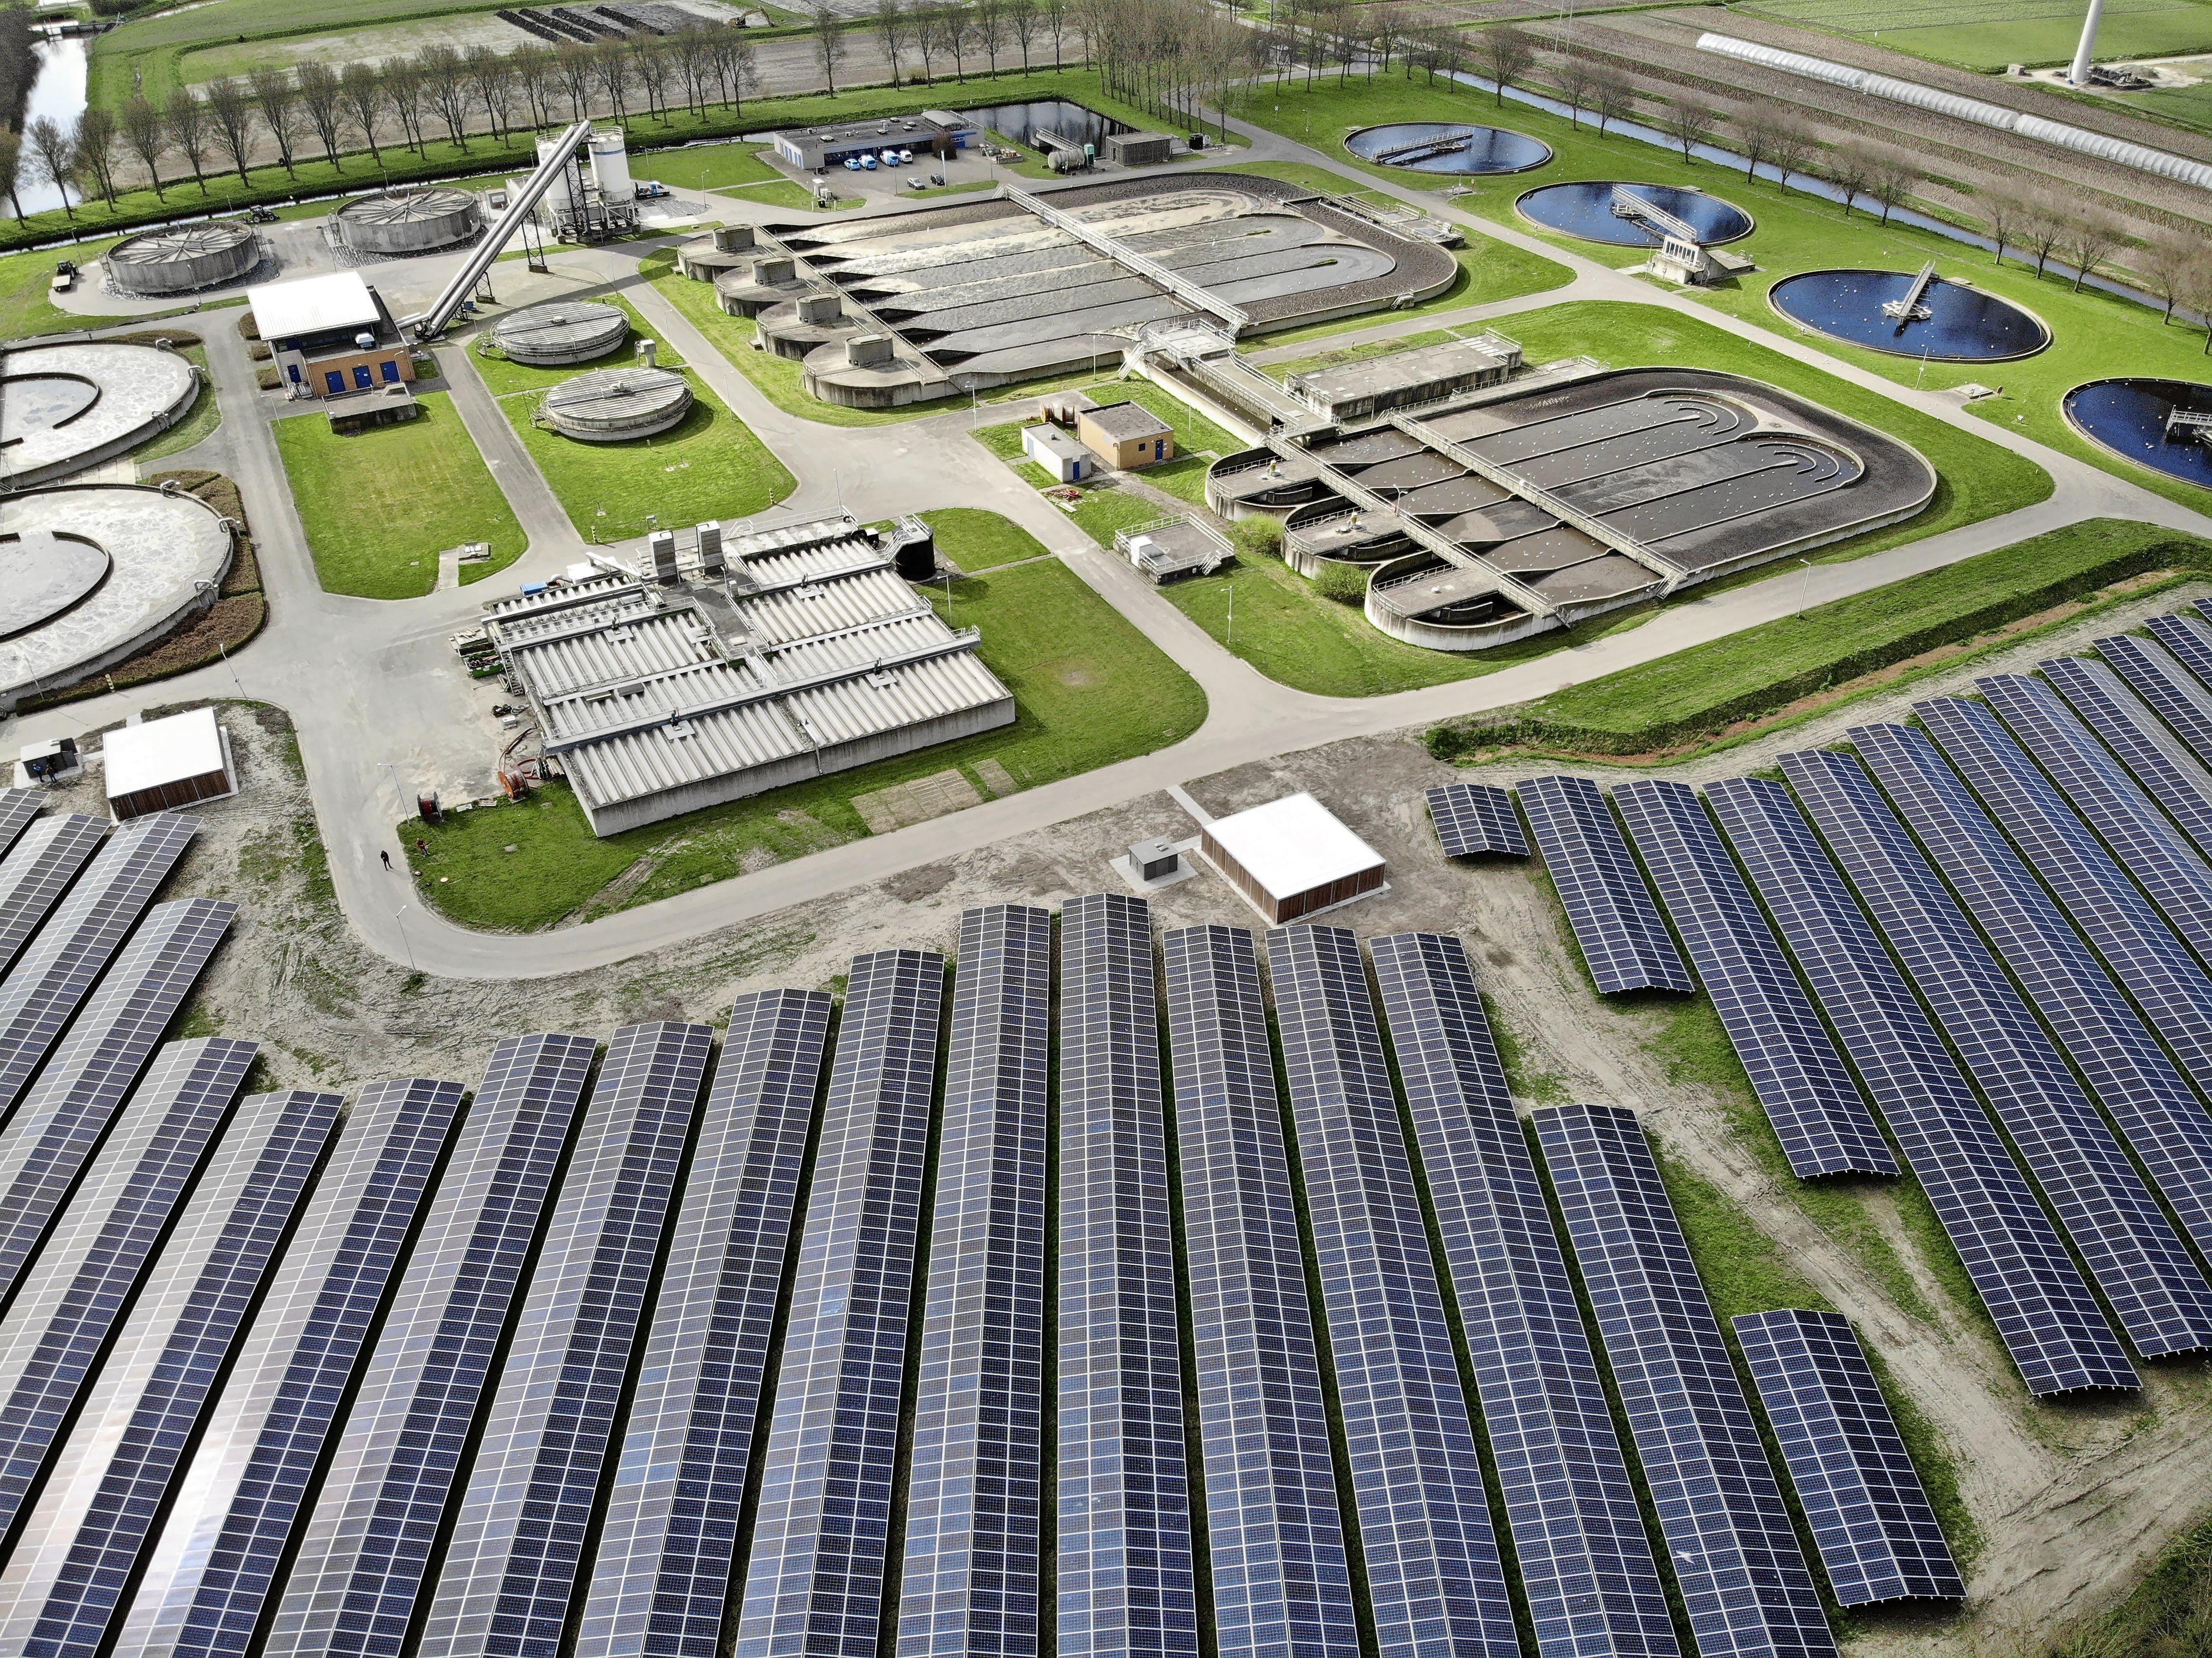 Zonnepark rioolwaterzuivering Wervershoof opgeleverd: 17.570 zonnepanelen geïnstalleerd